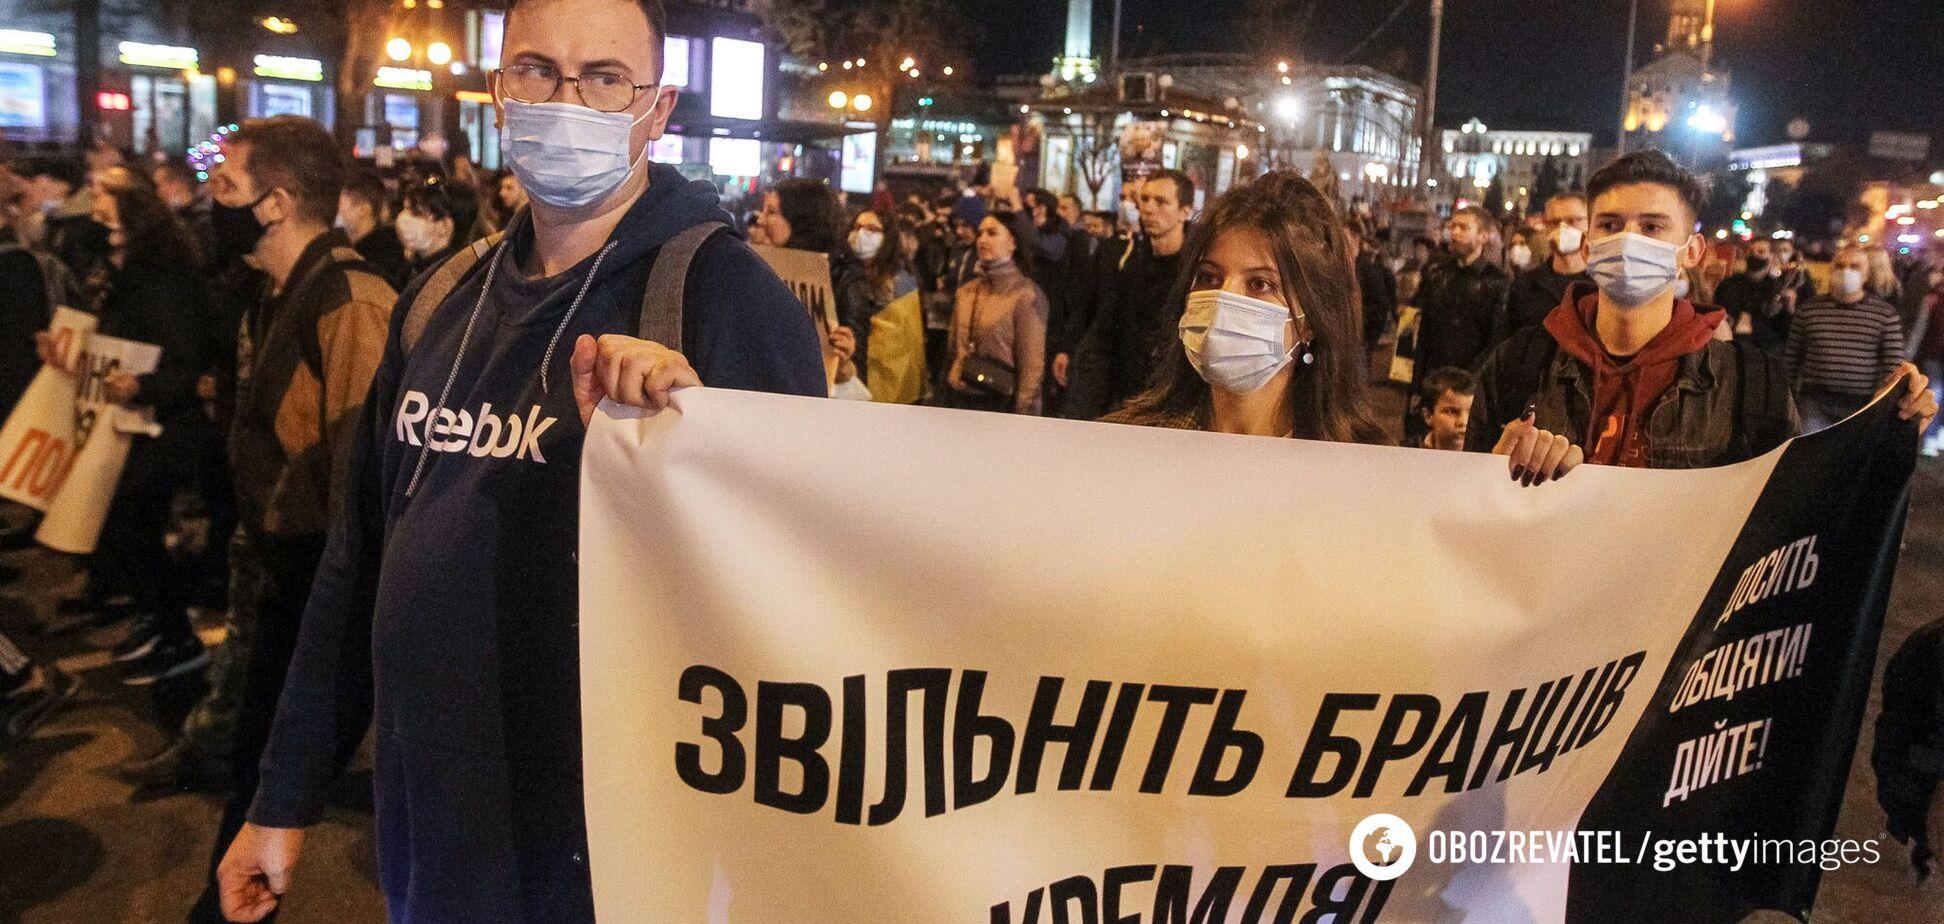 Новости Крымнаша. Они нас сожрут и не подавятся!